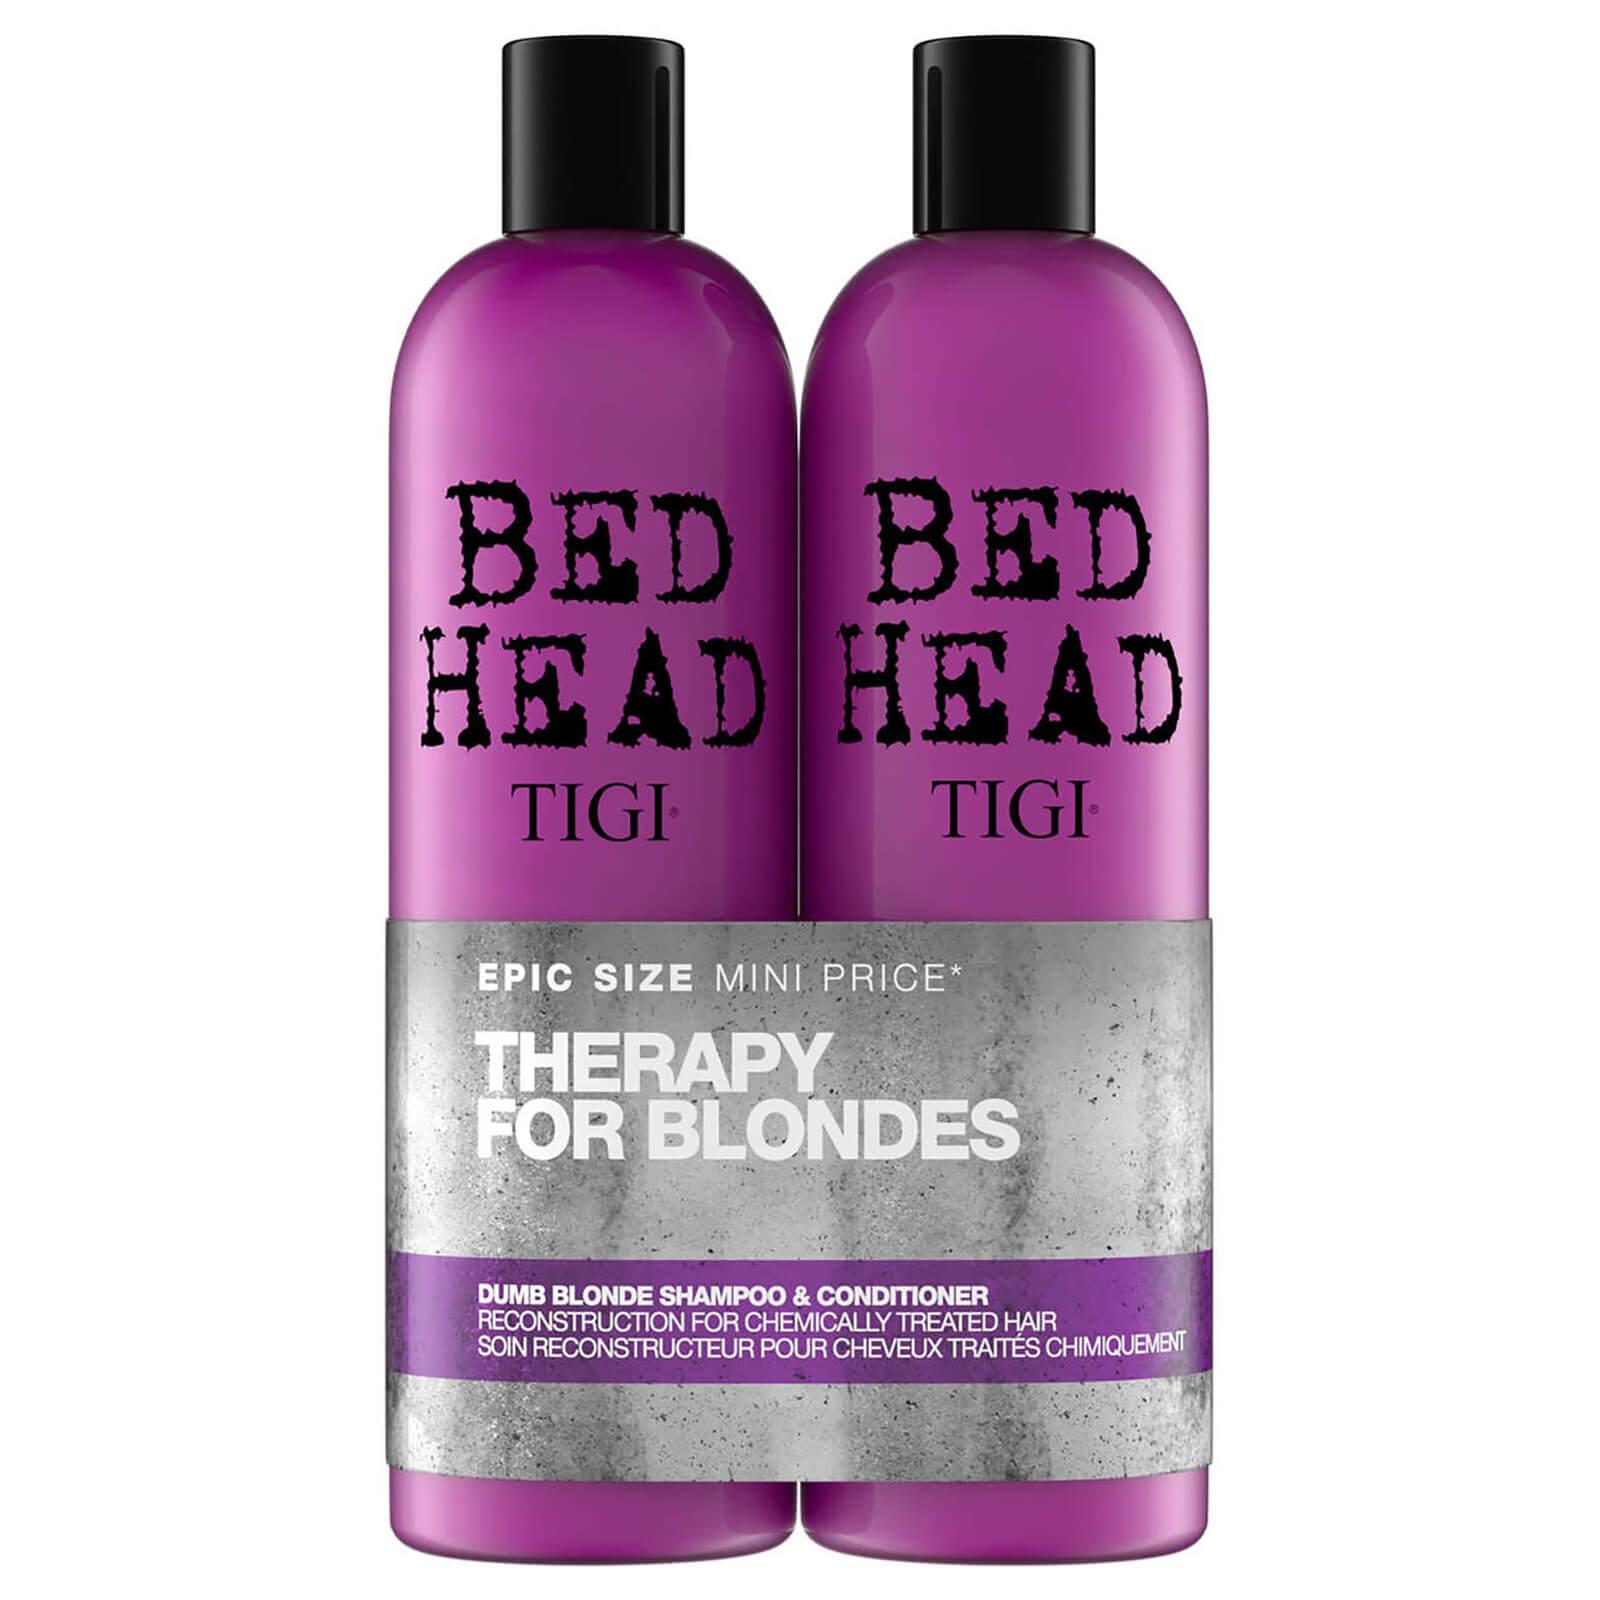 TIGI Shampooing + Après-shampoing régénérant pour cheveux traités chimiquement Dumb Blonde TIGI Bed Head 2x750ml